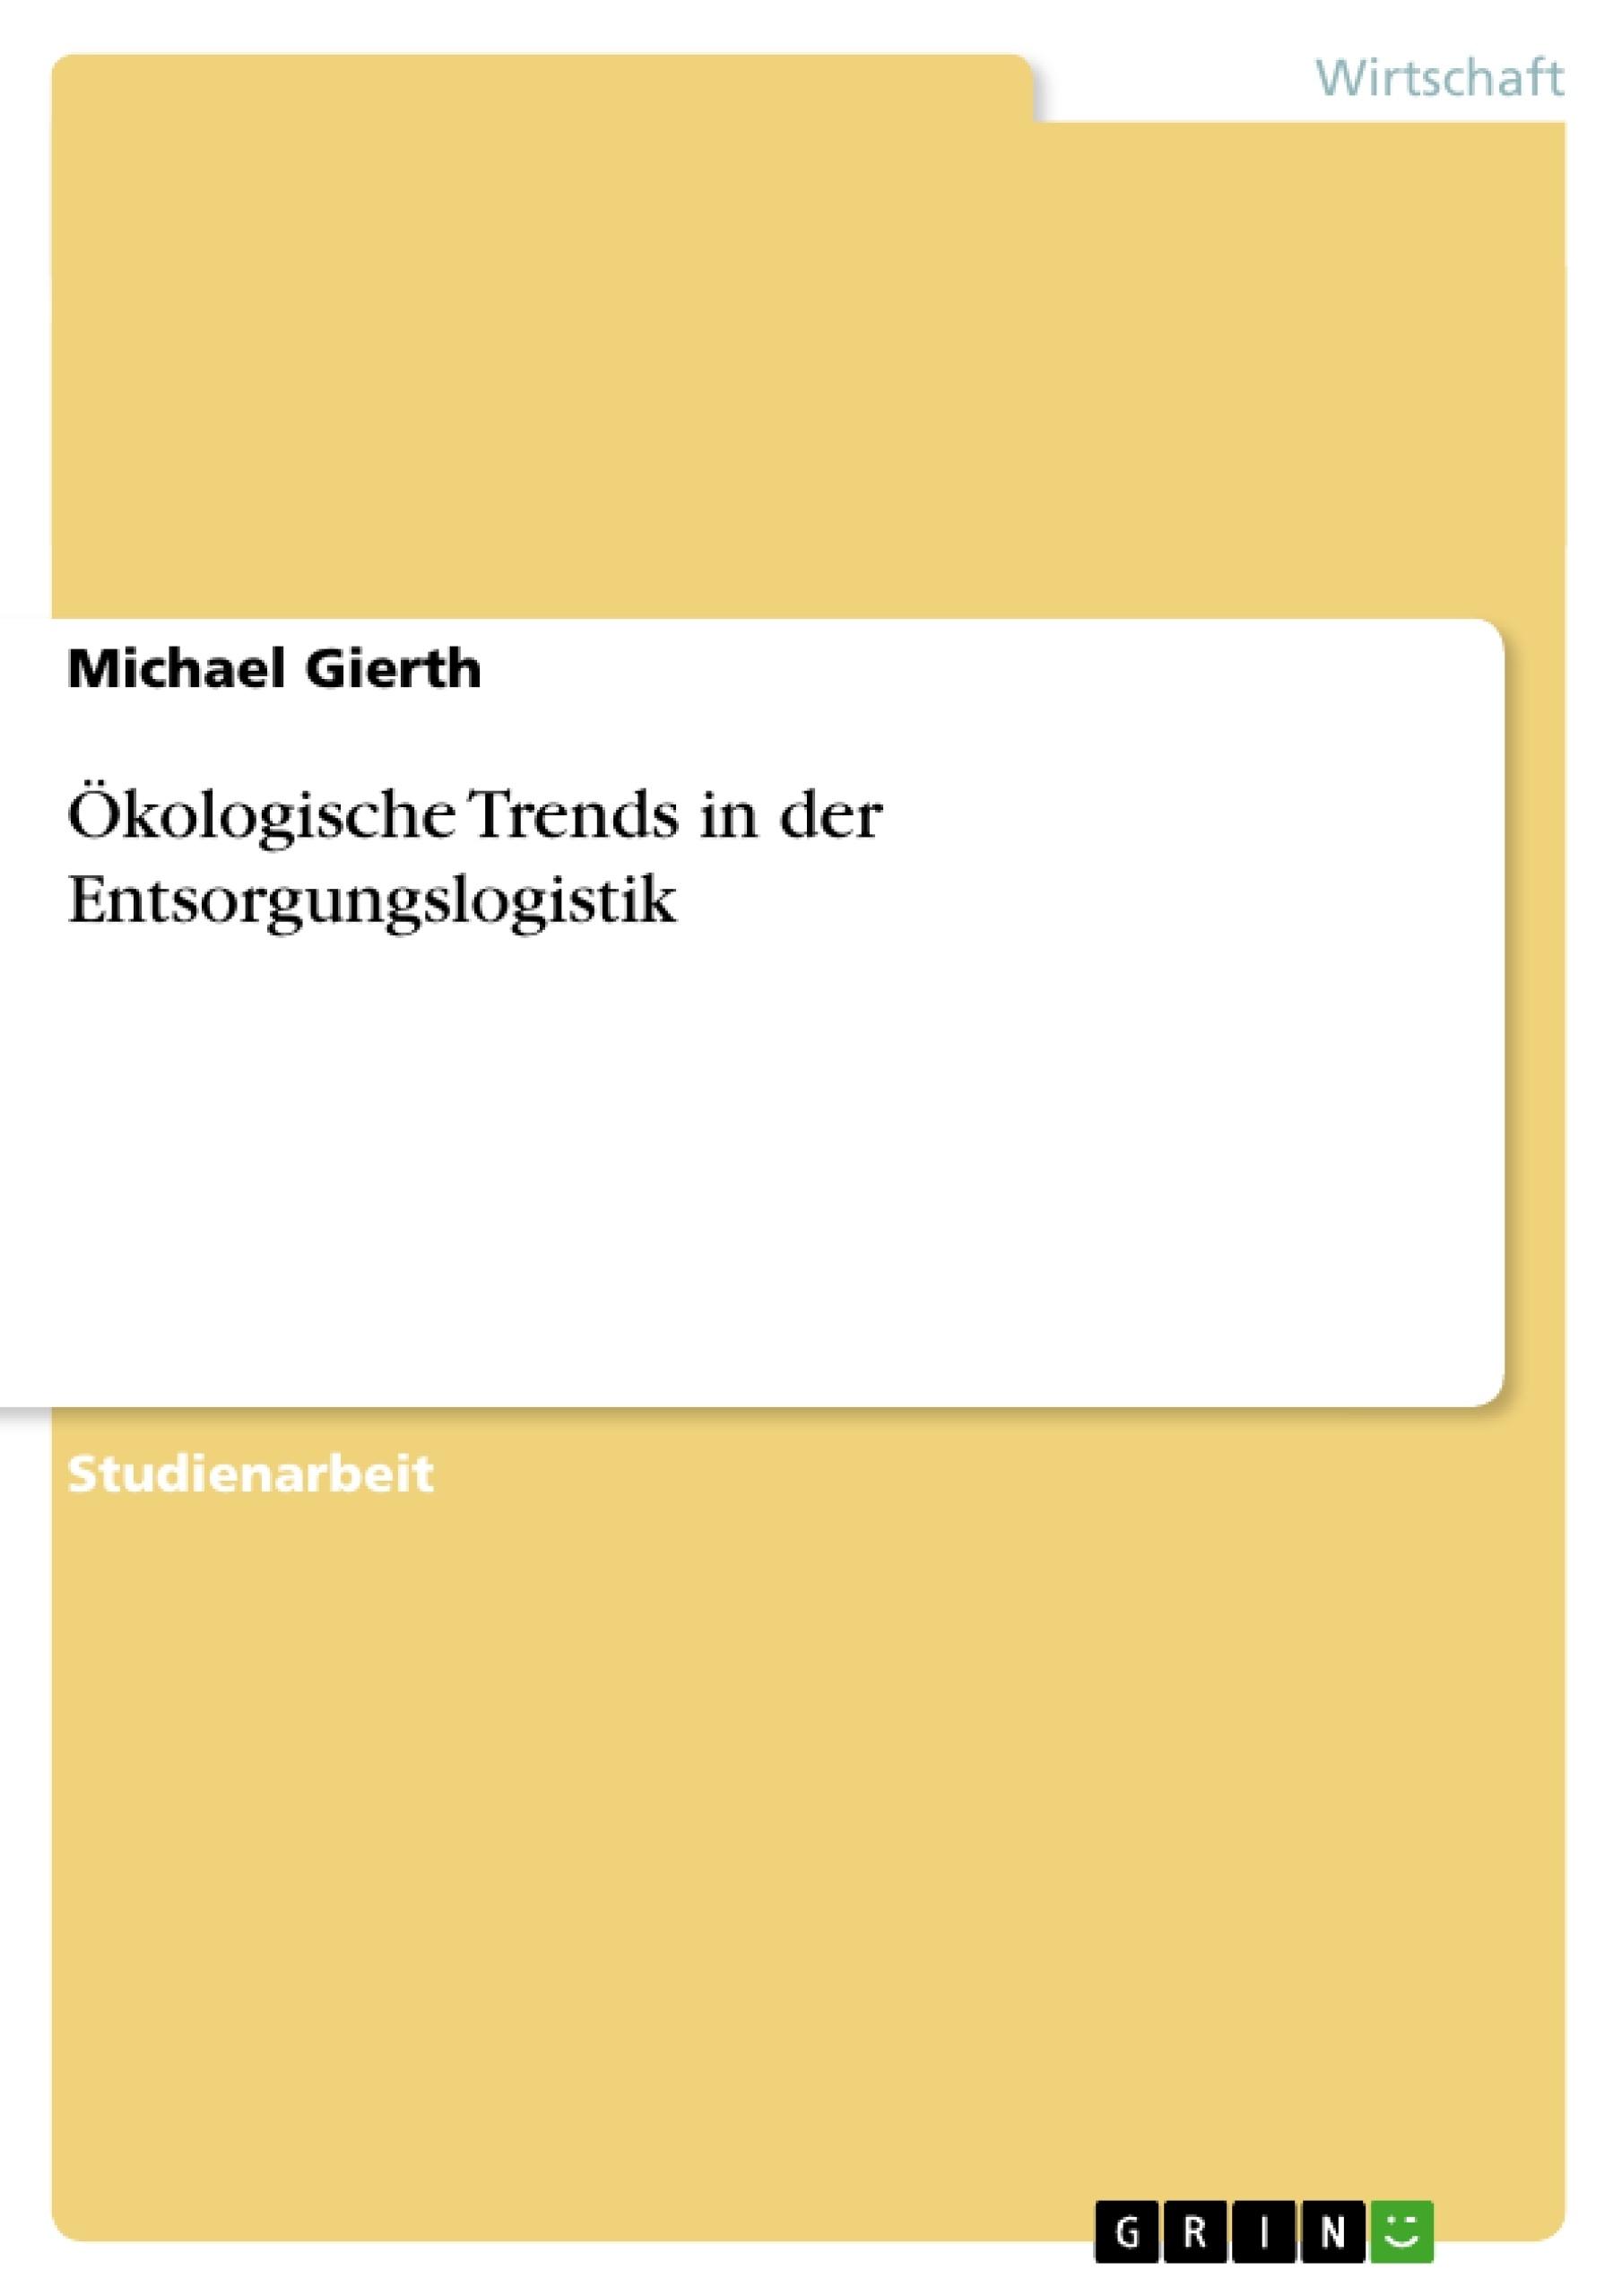 Titel: Ökologische Trends in der Entsorgungslogistik